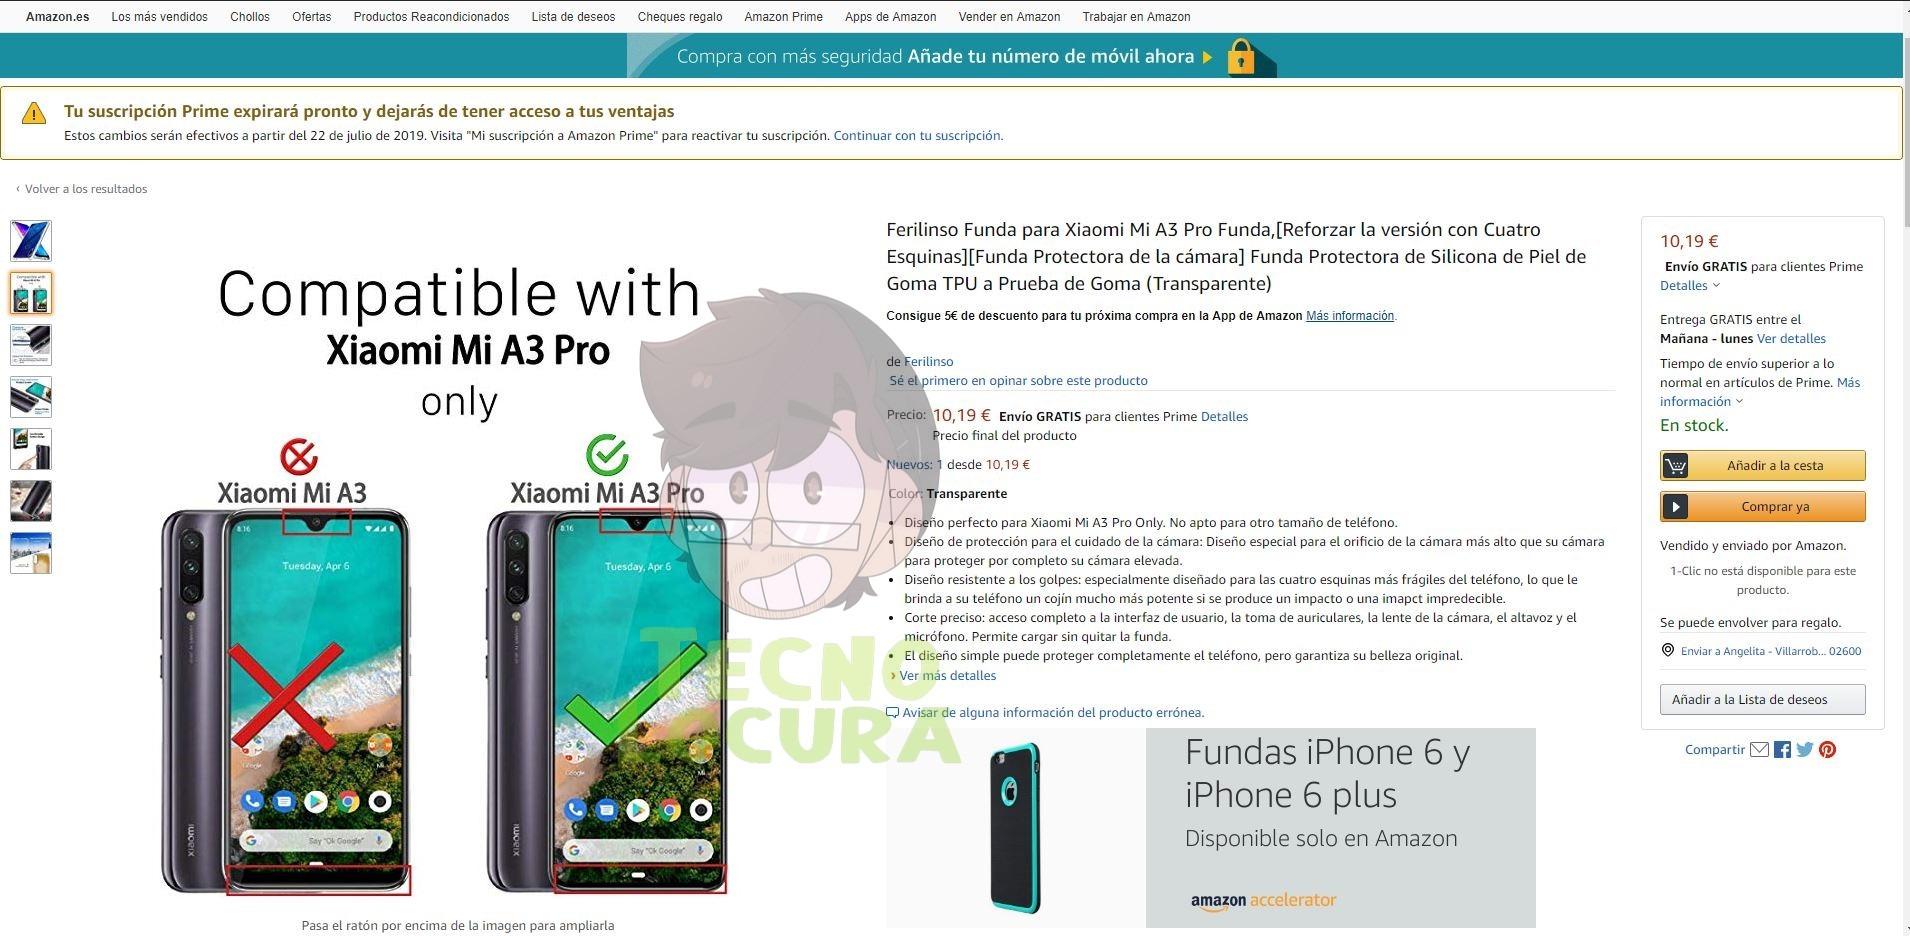 Xiaomi Mi A3 Pro aparece en Amazon, ¿será verdad?